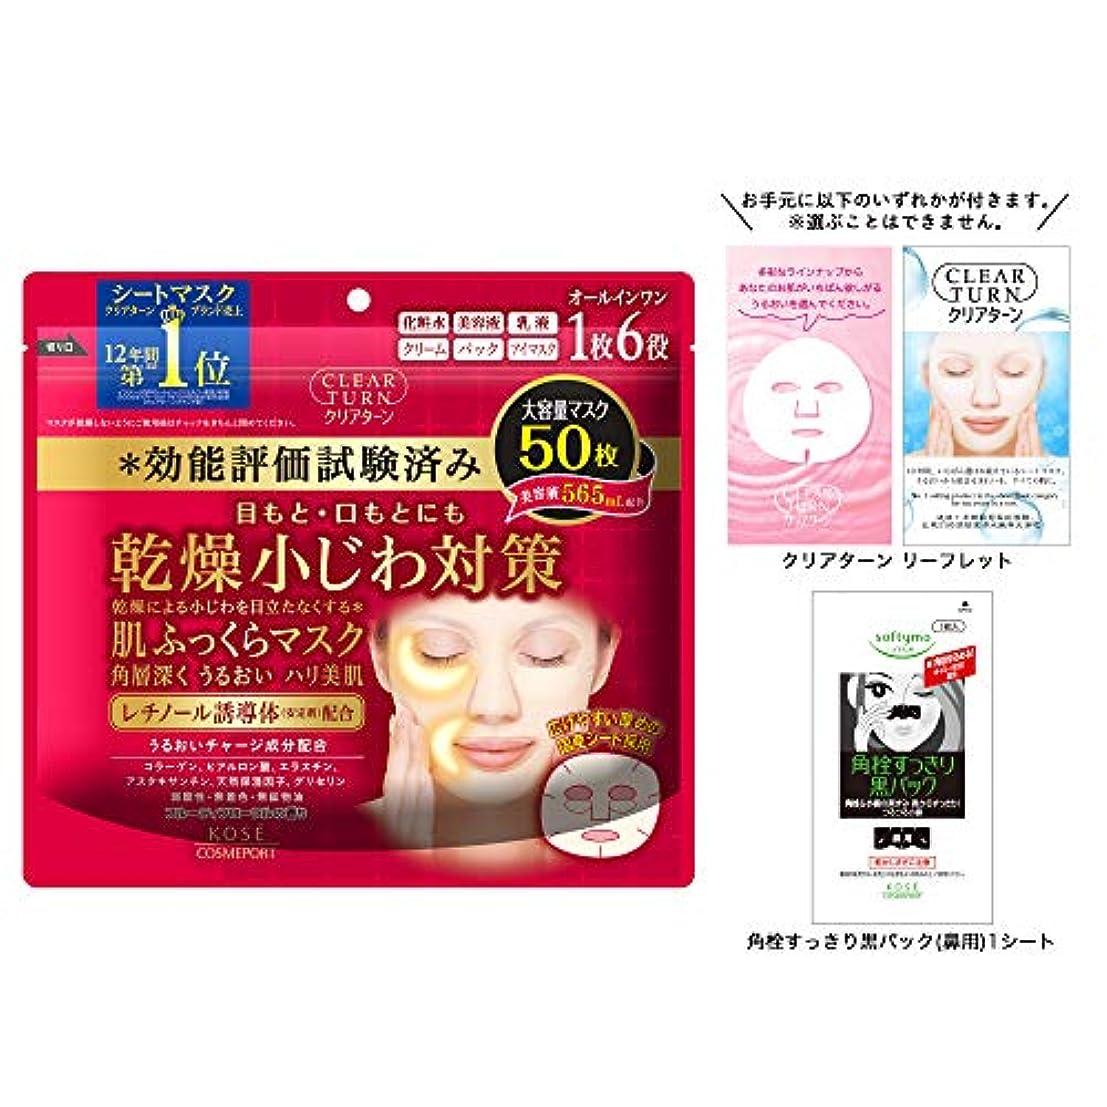 有益エクステント聞きます【Amazon.co.jp限定】KOSE コーセー クリアターン 肌ふっくら マスク 50枚 おまけ付 フェイスマスク